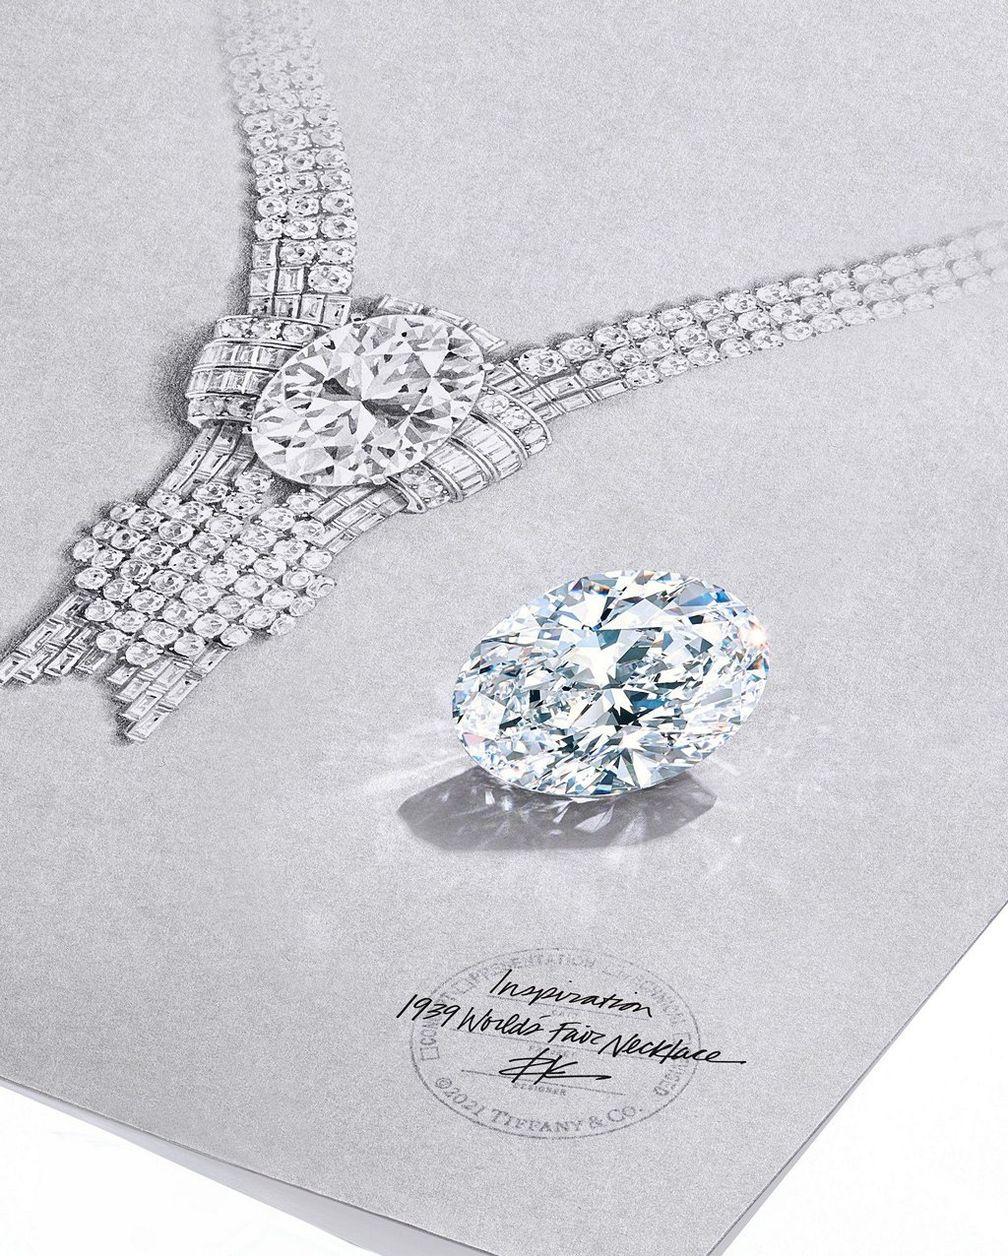 Безупречный бриллиант весом 80 карат, цвета D